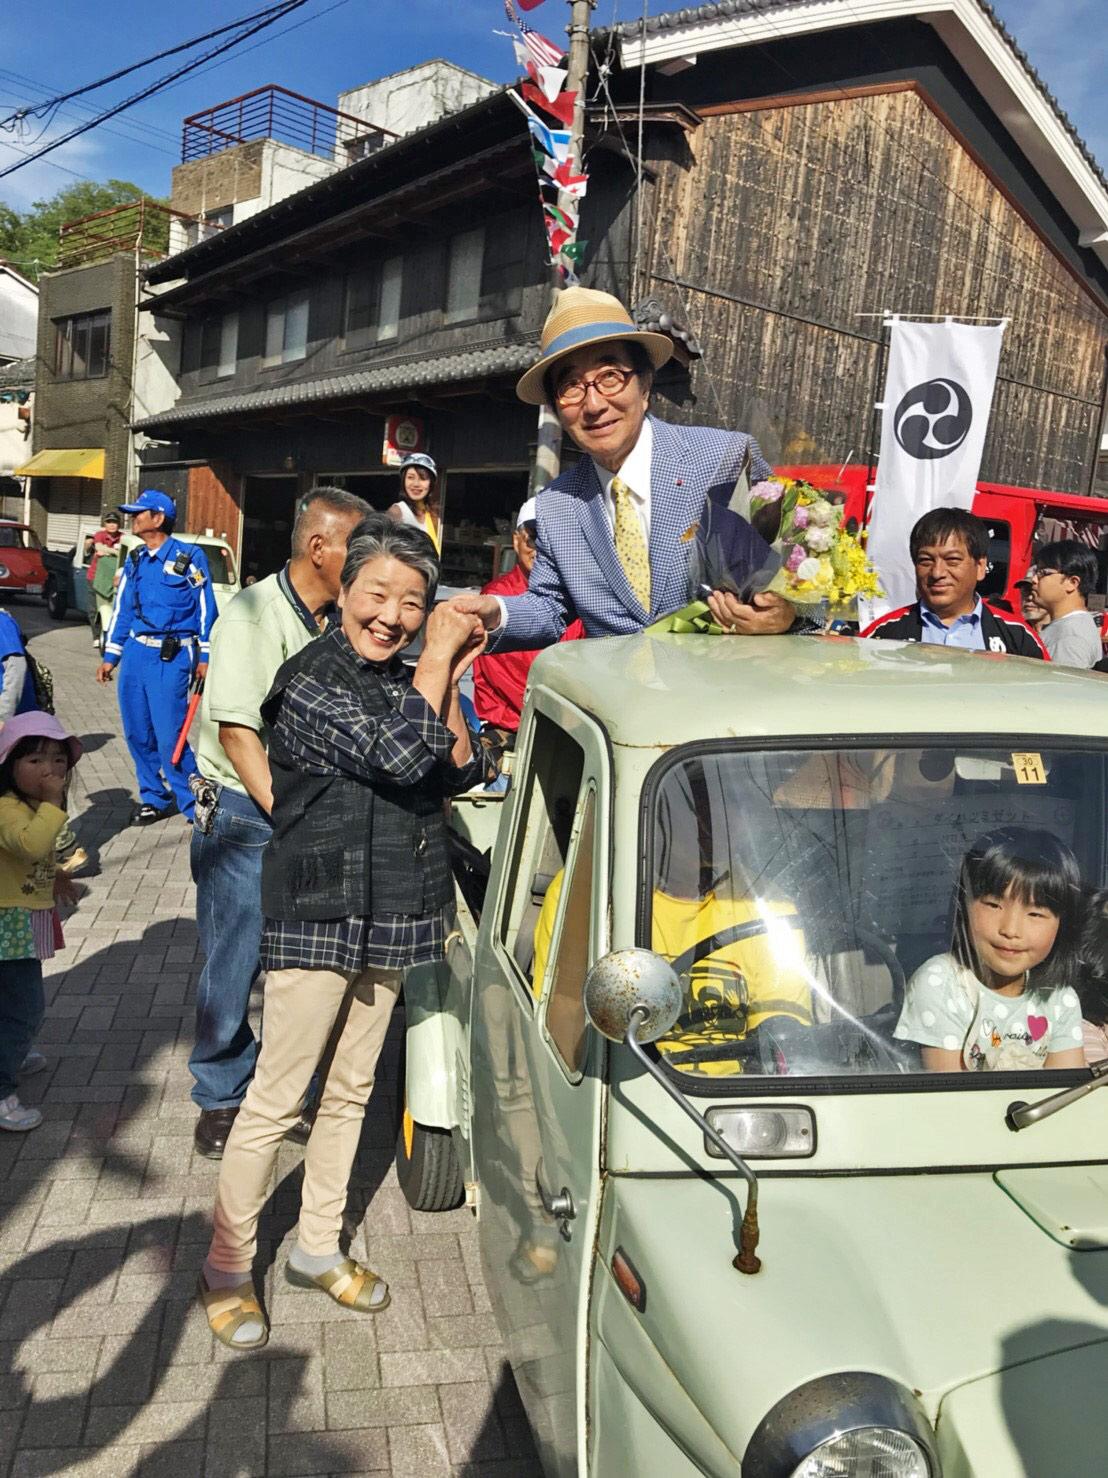 コメディアンの大村崑氏も参加するなど、大勢の観光客でにぎわう「レトロヂ」。